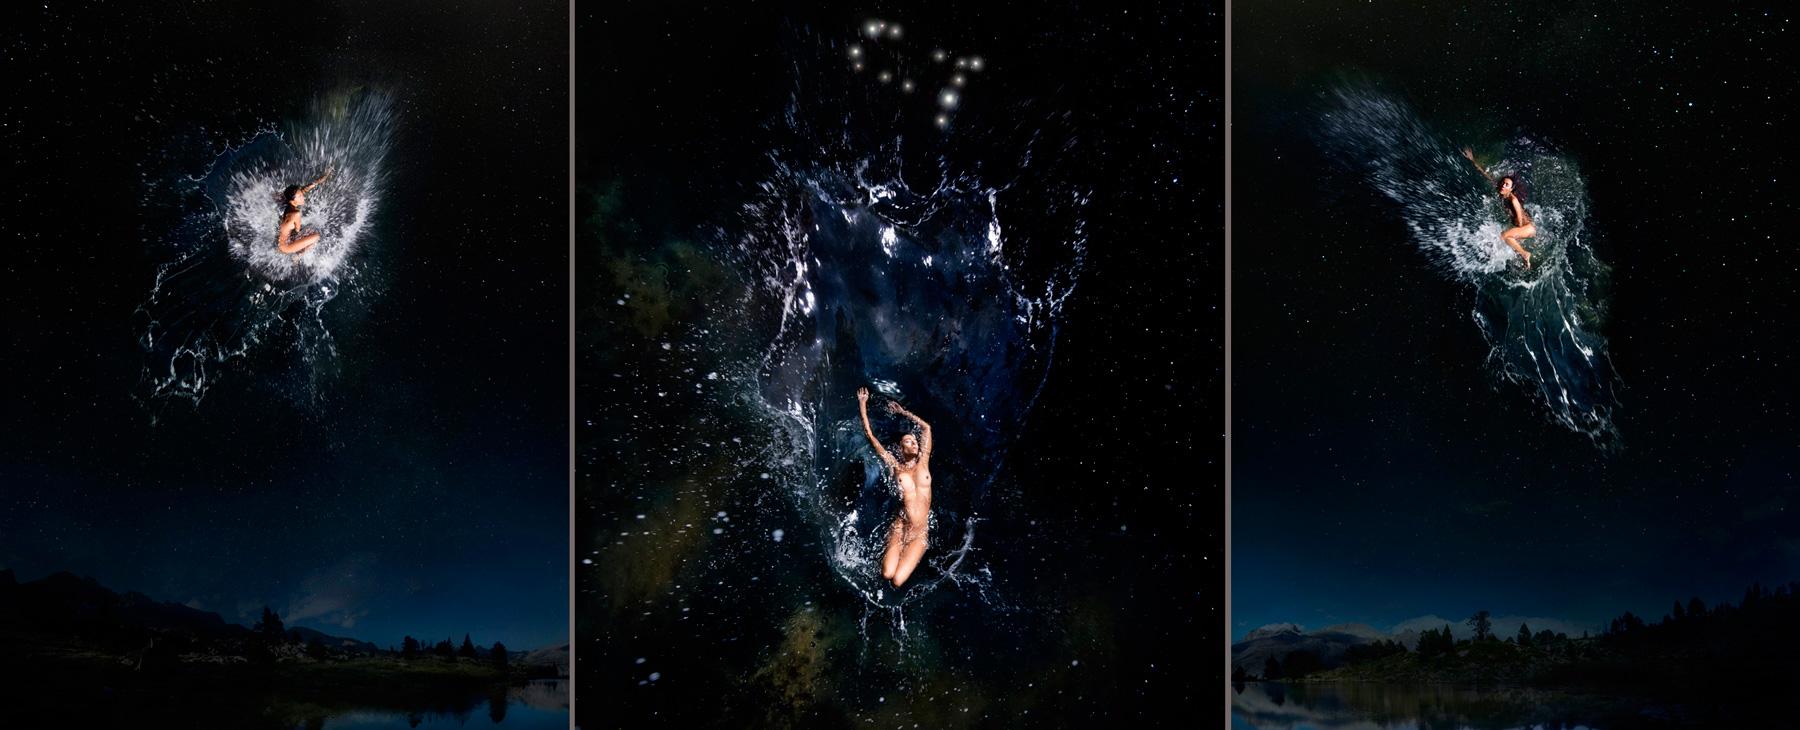 EUFONÍA de la Constelación de GÉMINIS. Fotografía digital nocturna y acuática. Configuración y retoque digitales